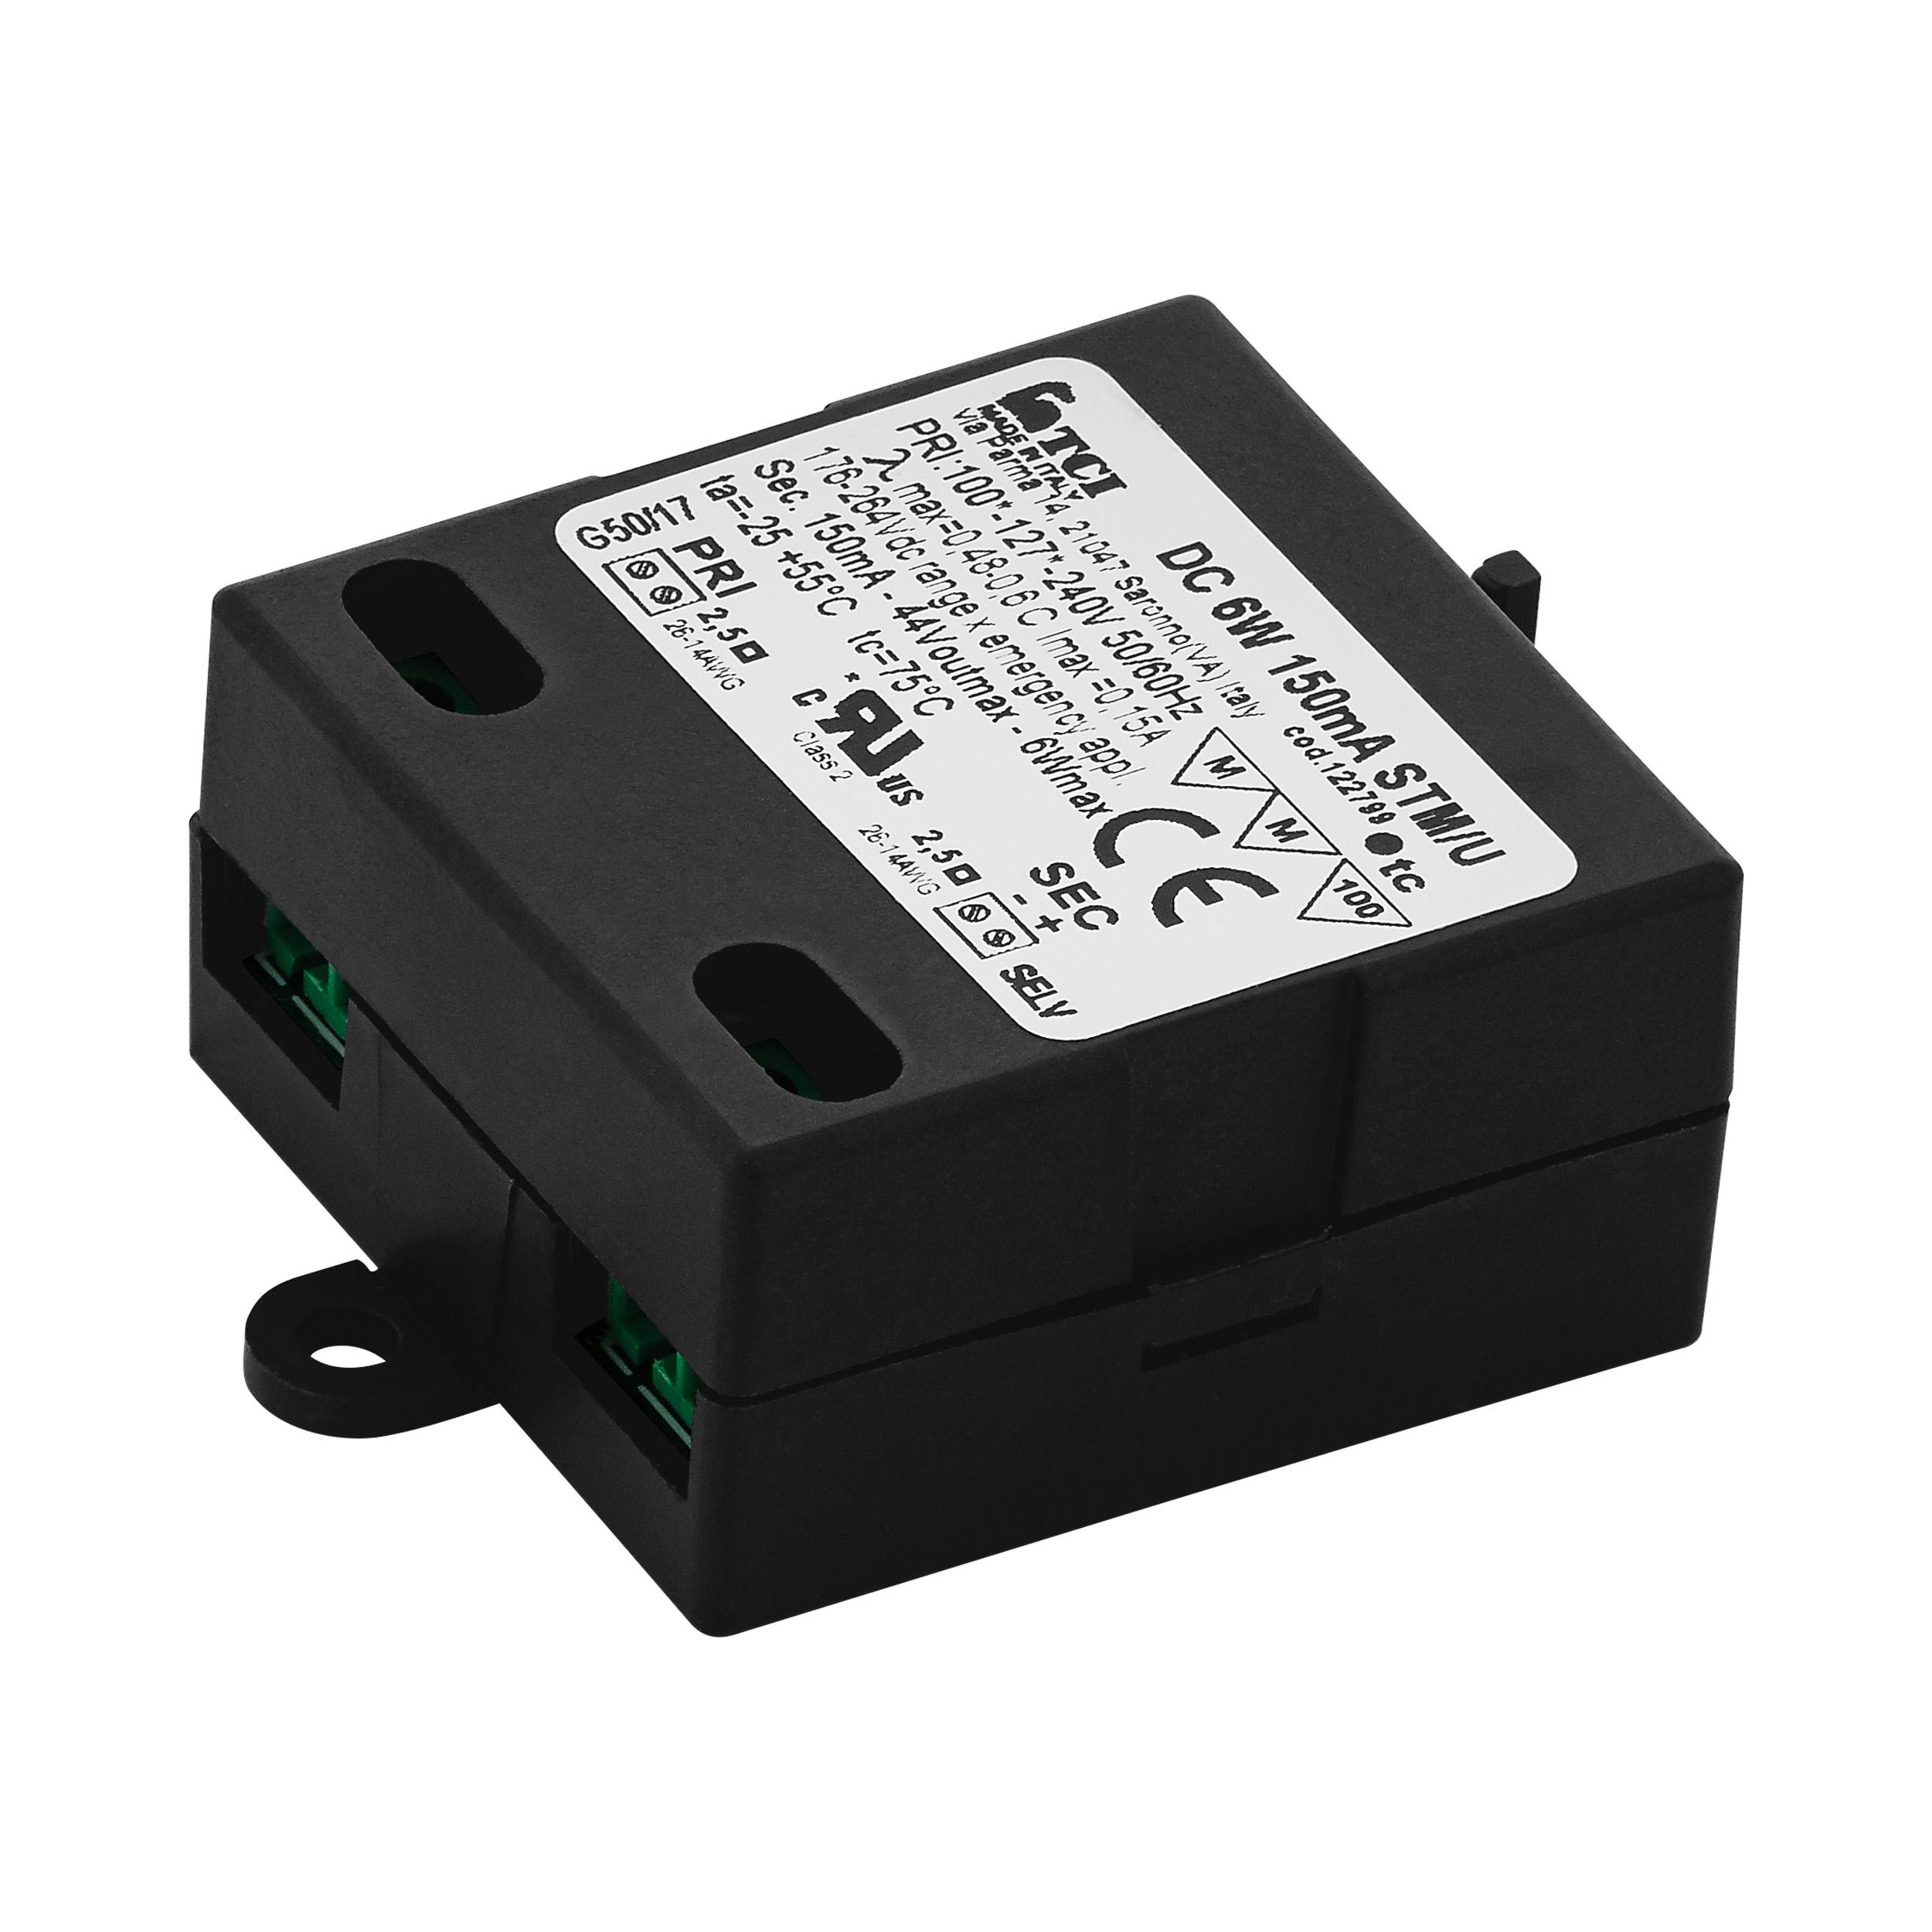 1 Stk LED-TREIBER TCI DC 6W 150MA STM/U LI69253---